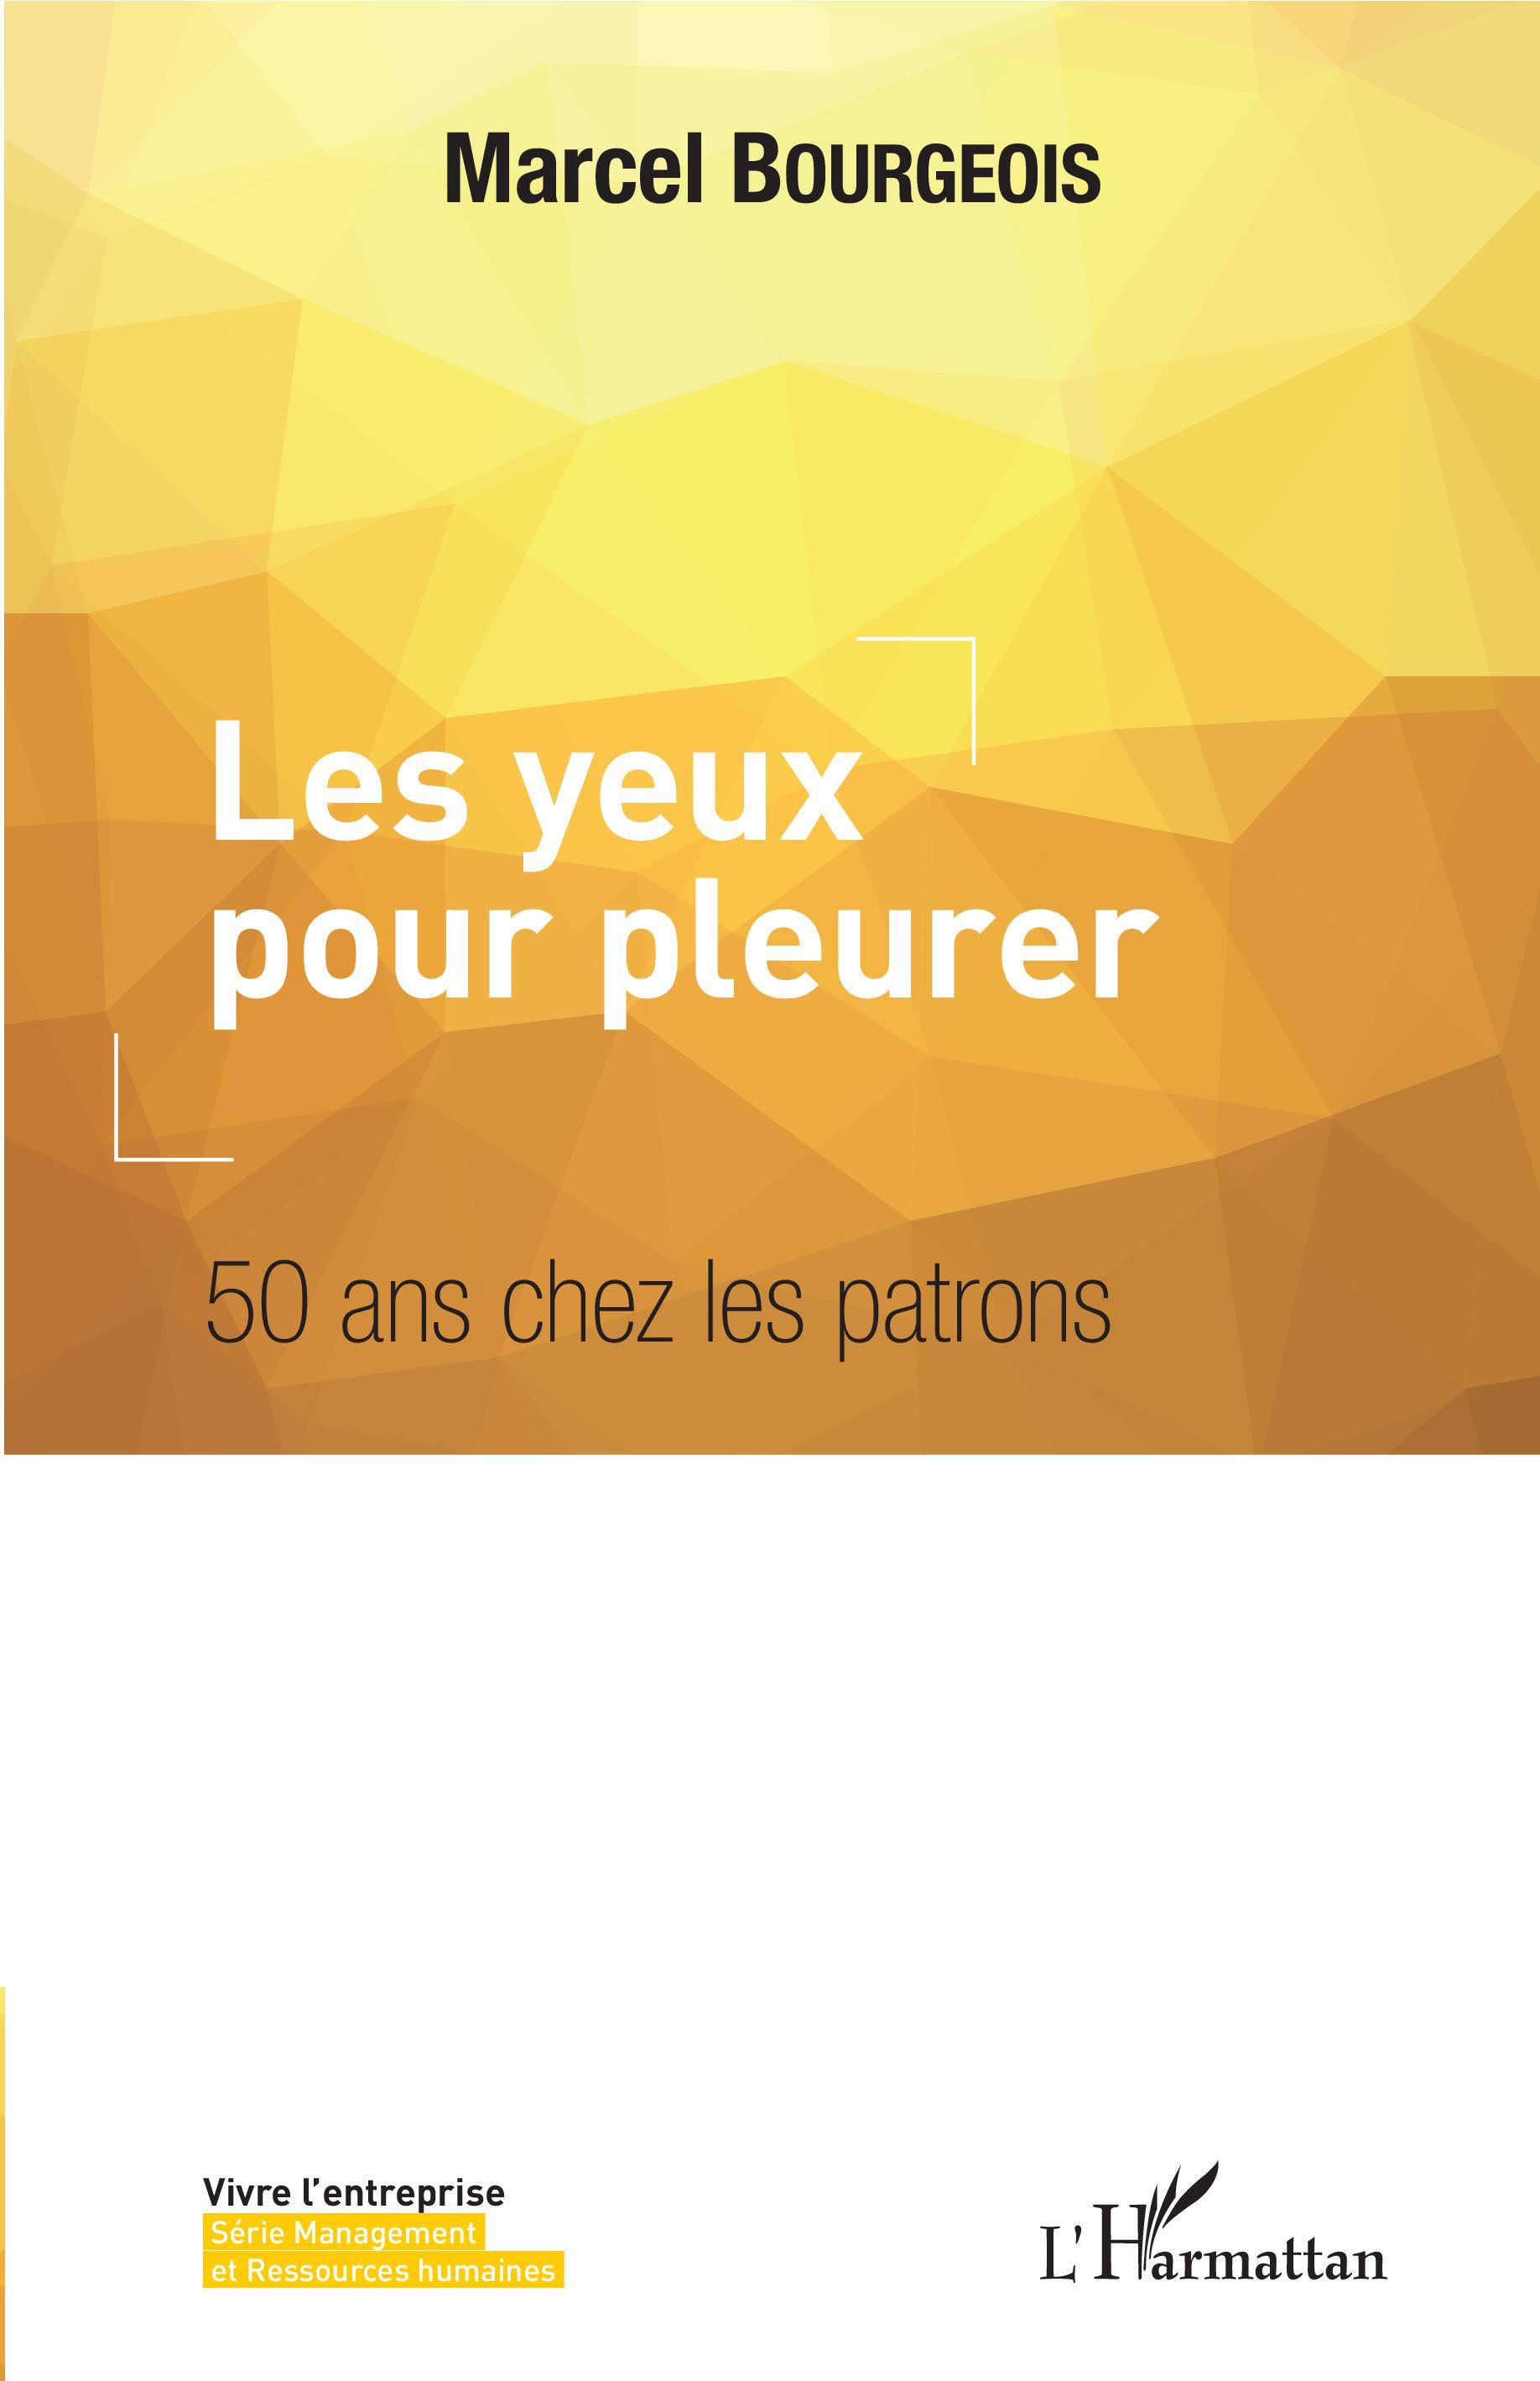 LES YEUX POUR PLEURER - 50 ans chez les patrons 9cb0198ea9b